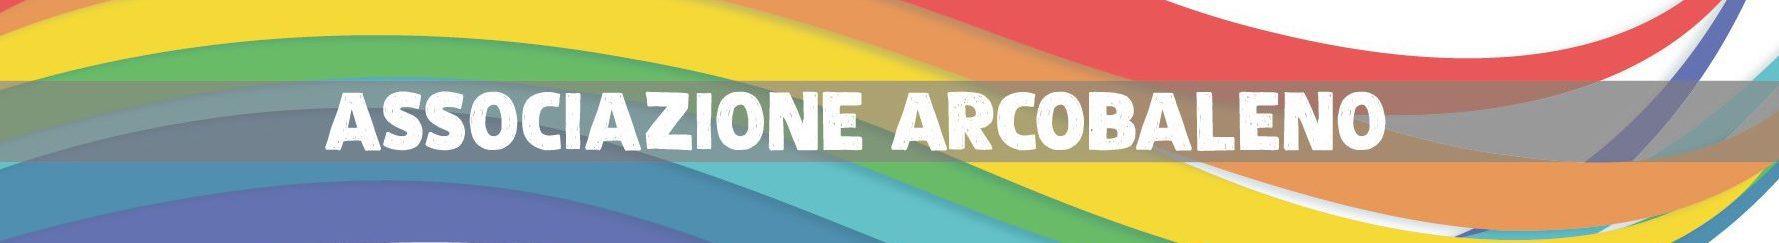 Associazione di Volontariato Arcobaleno Pistoia